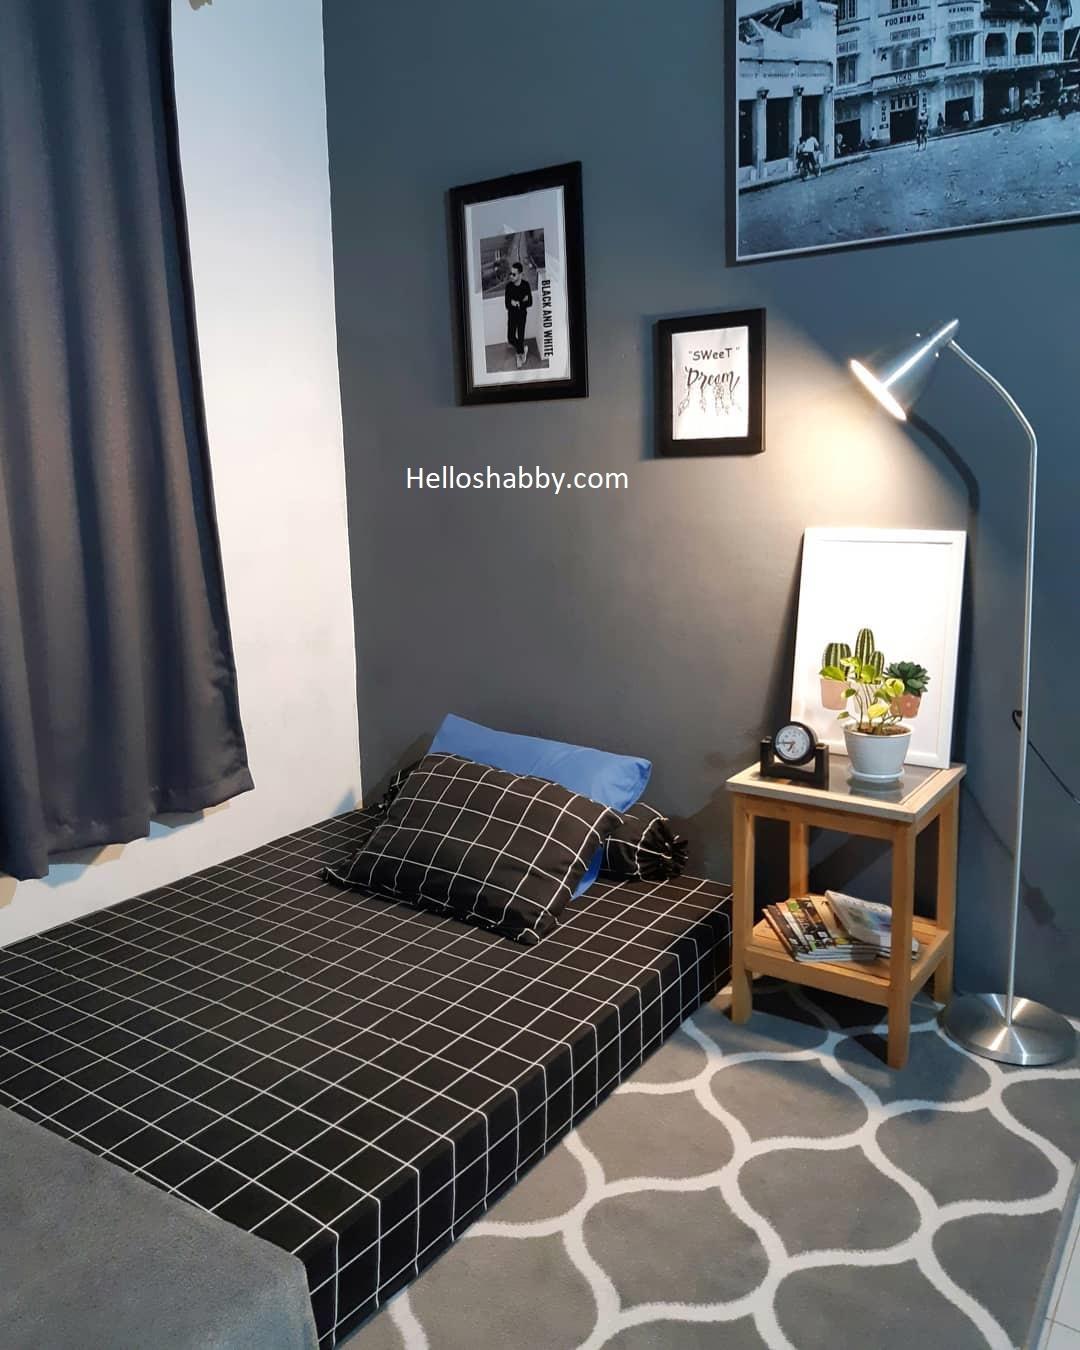 6 Ide Dekorasi Dan Menata Kamar Kost Makin Keren Helloshabby Com Interior And Exterior Solutions Feng shui kamar kost